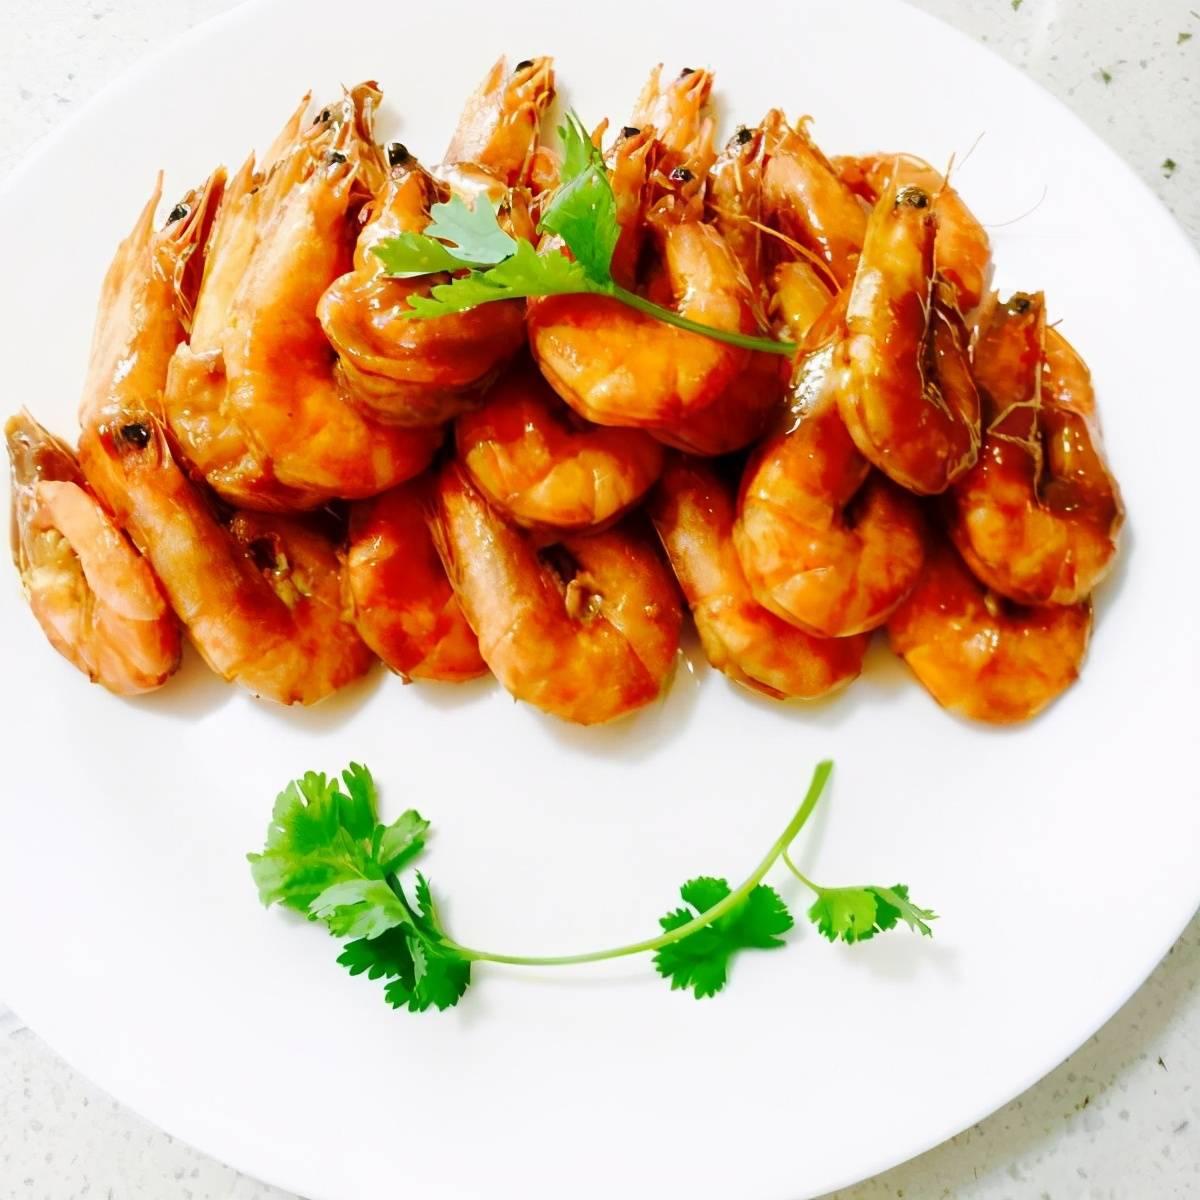 20款精美菜肴分享,营养丰富简单实惠,一家人的最爱